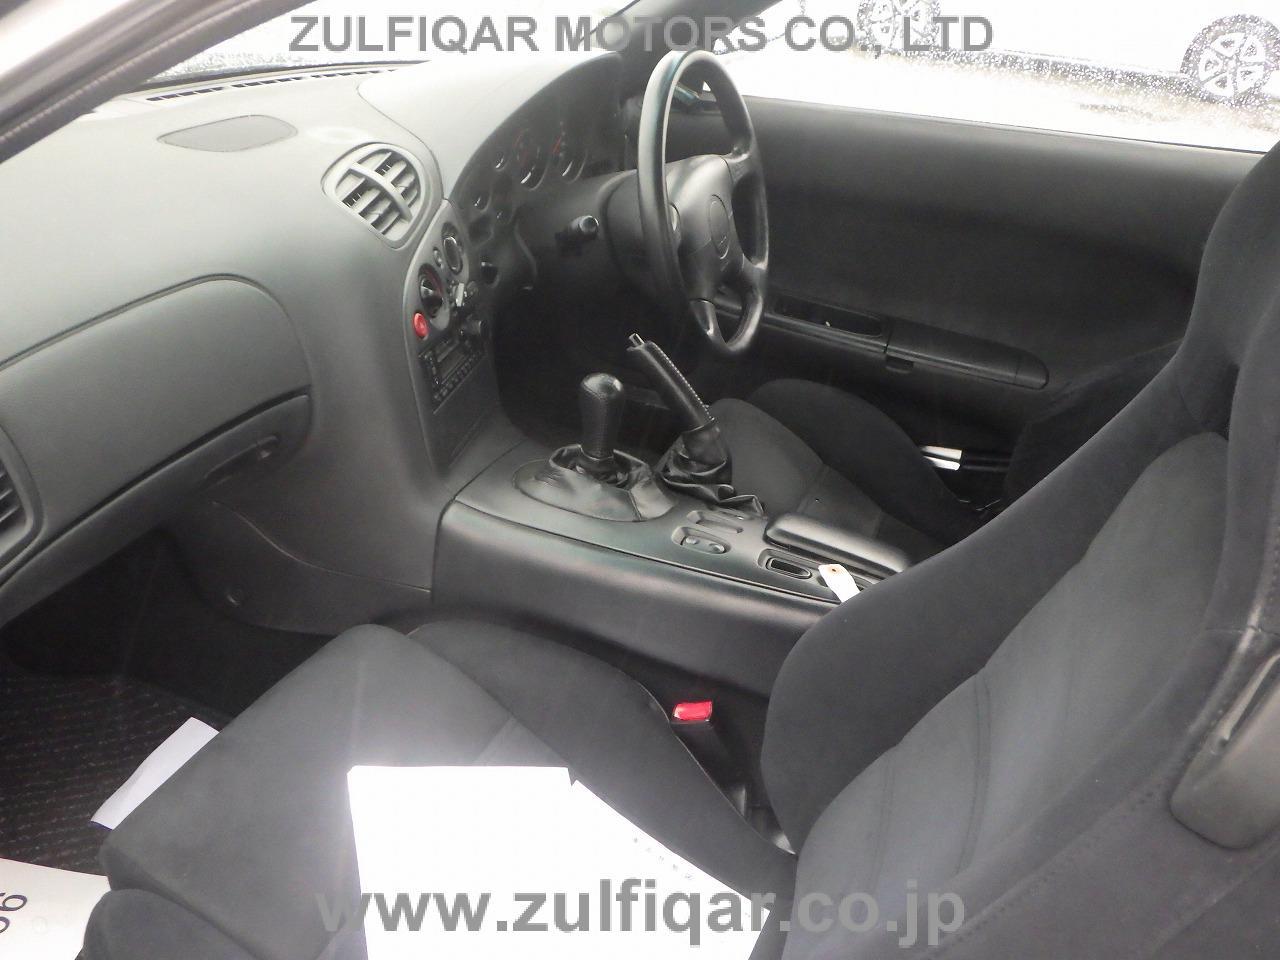 MAZDA EFINI RX-7 1998 Image 7